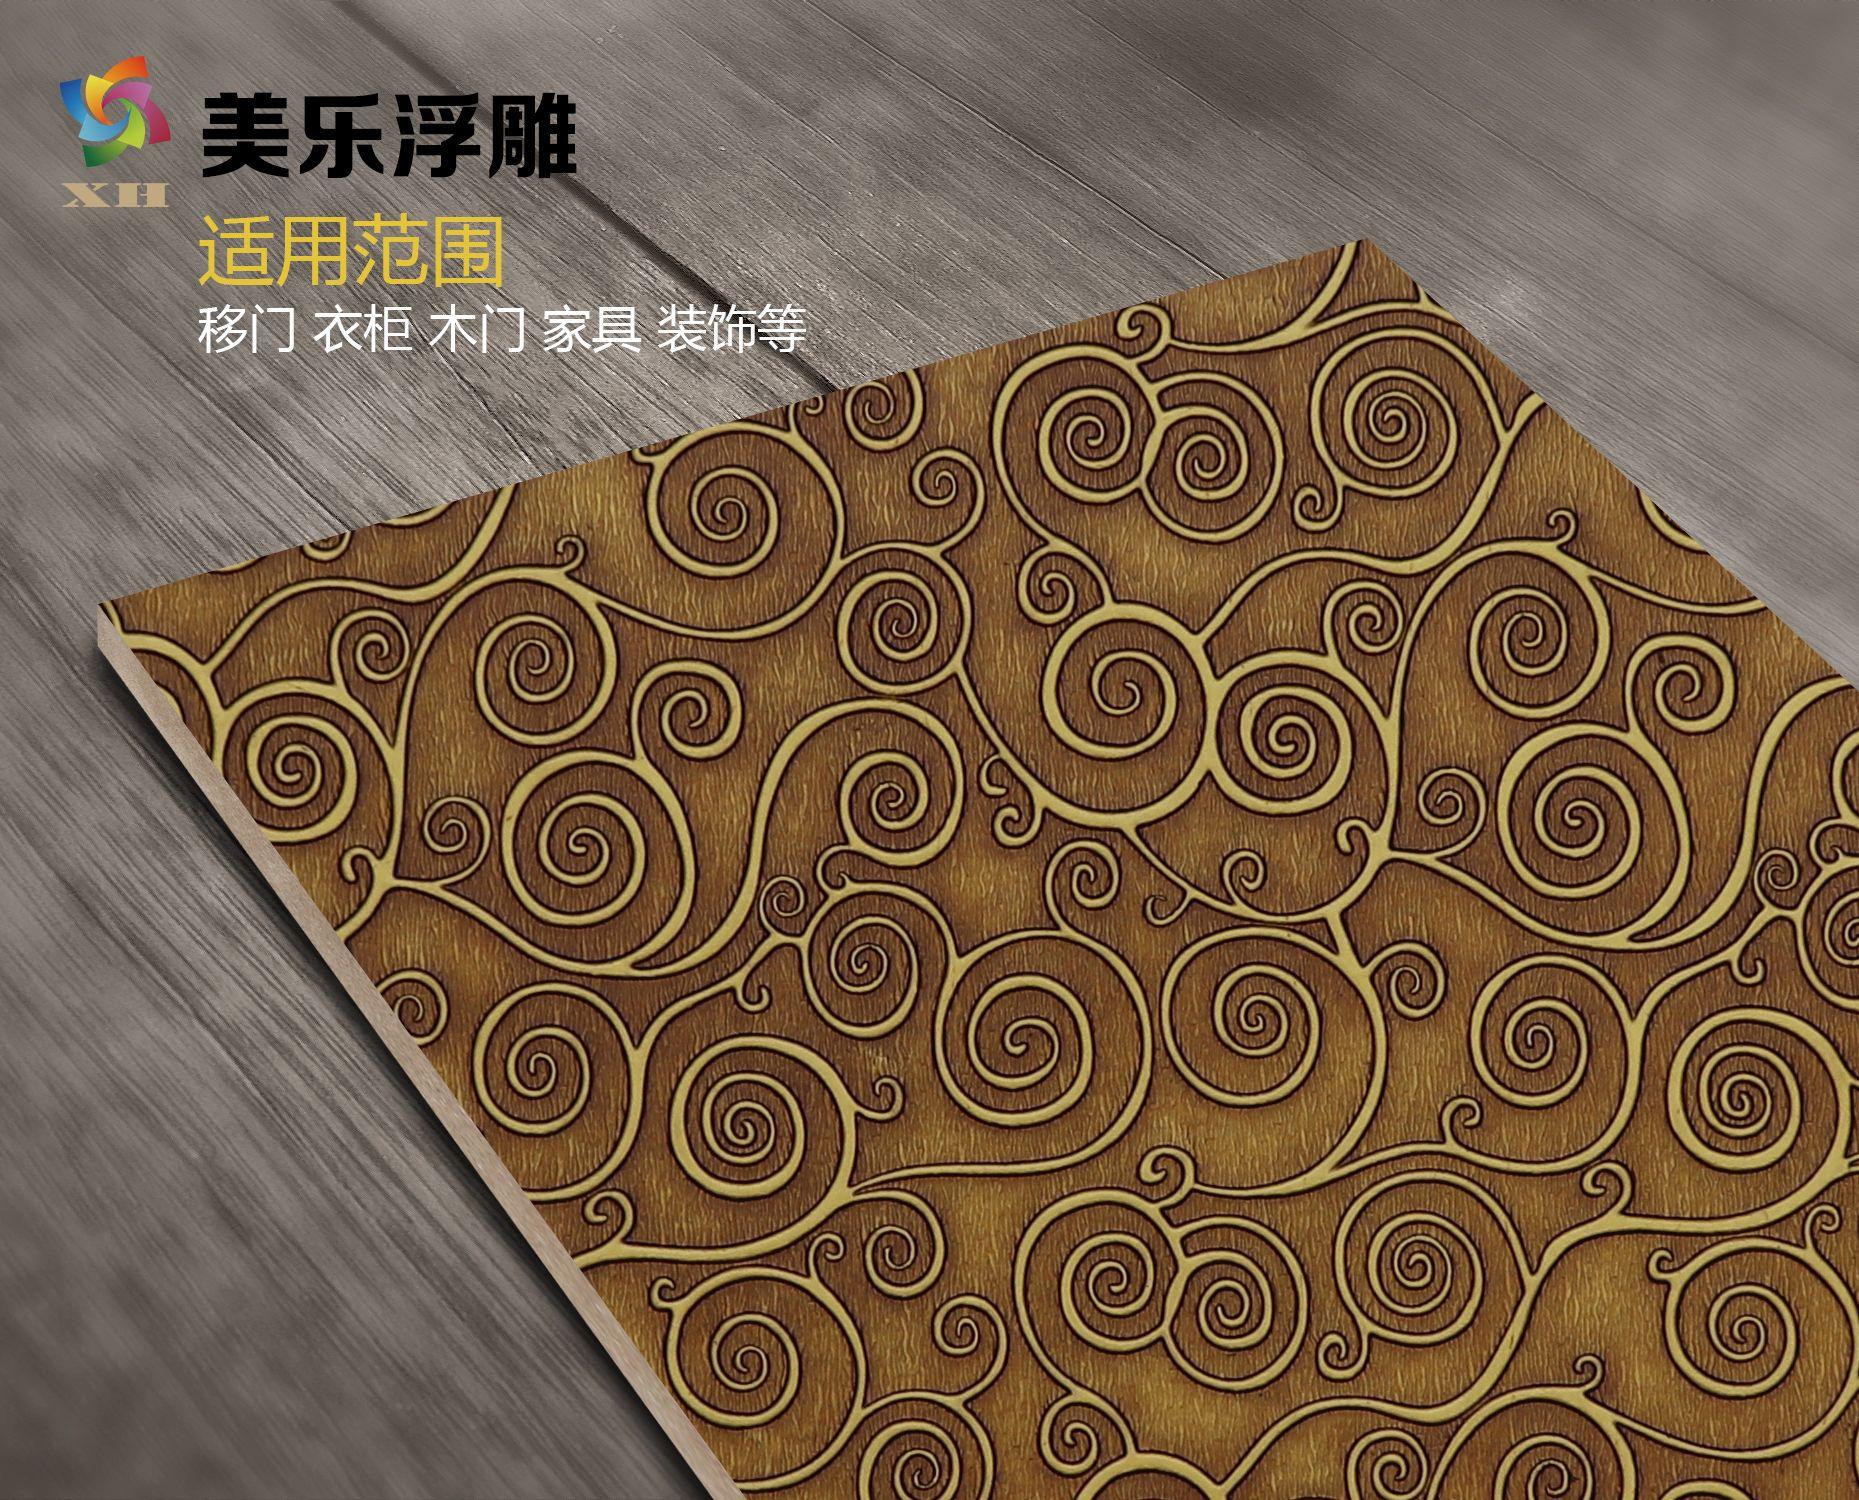 立体雕刻波浪美乐印象厂家木饰面直销模压浮雕janieand图片